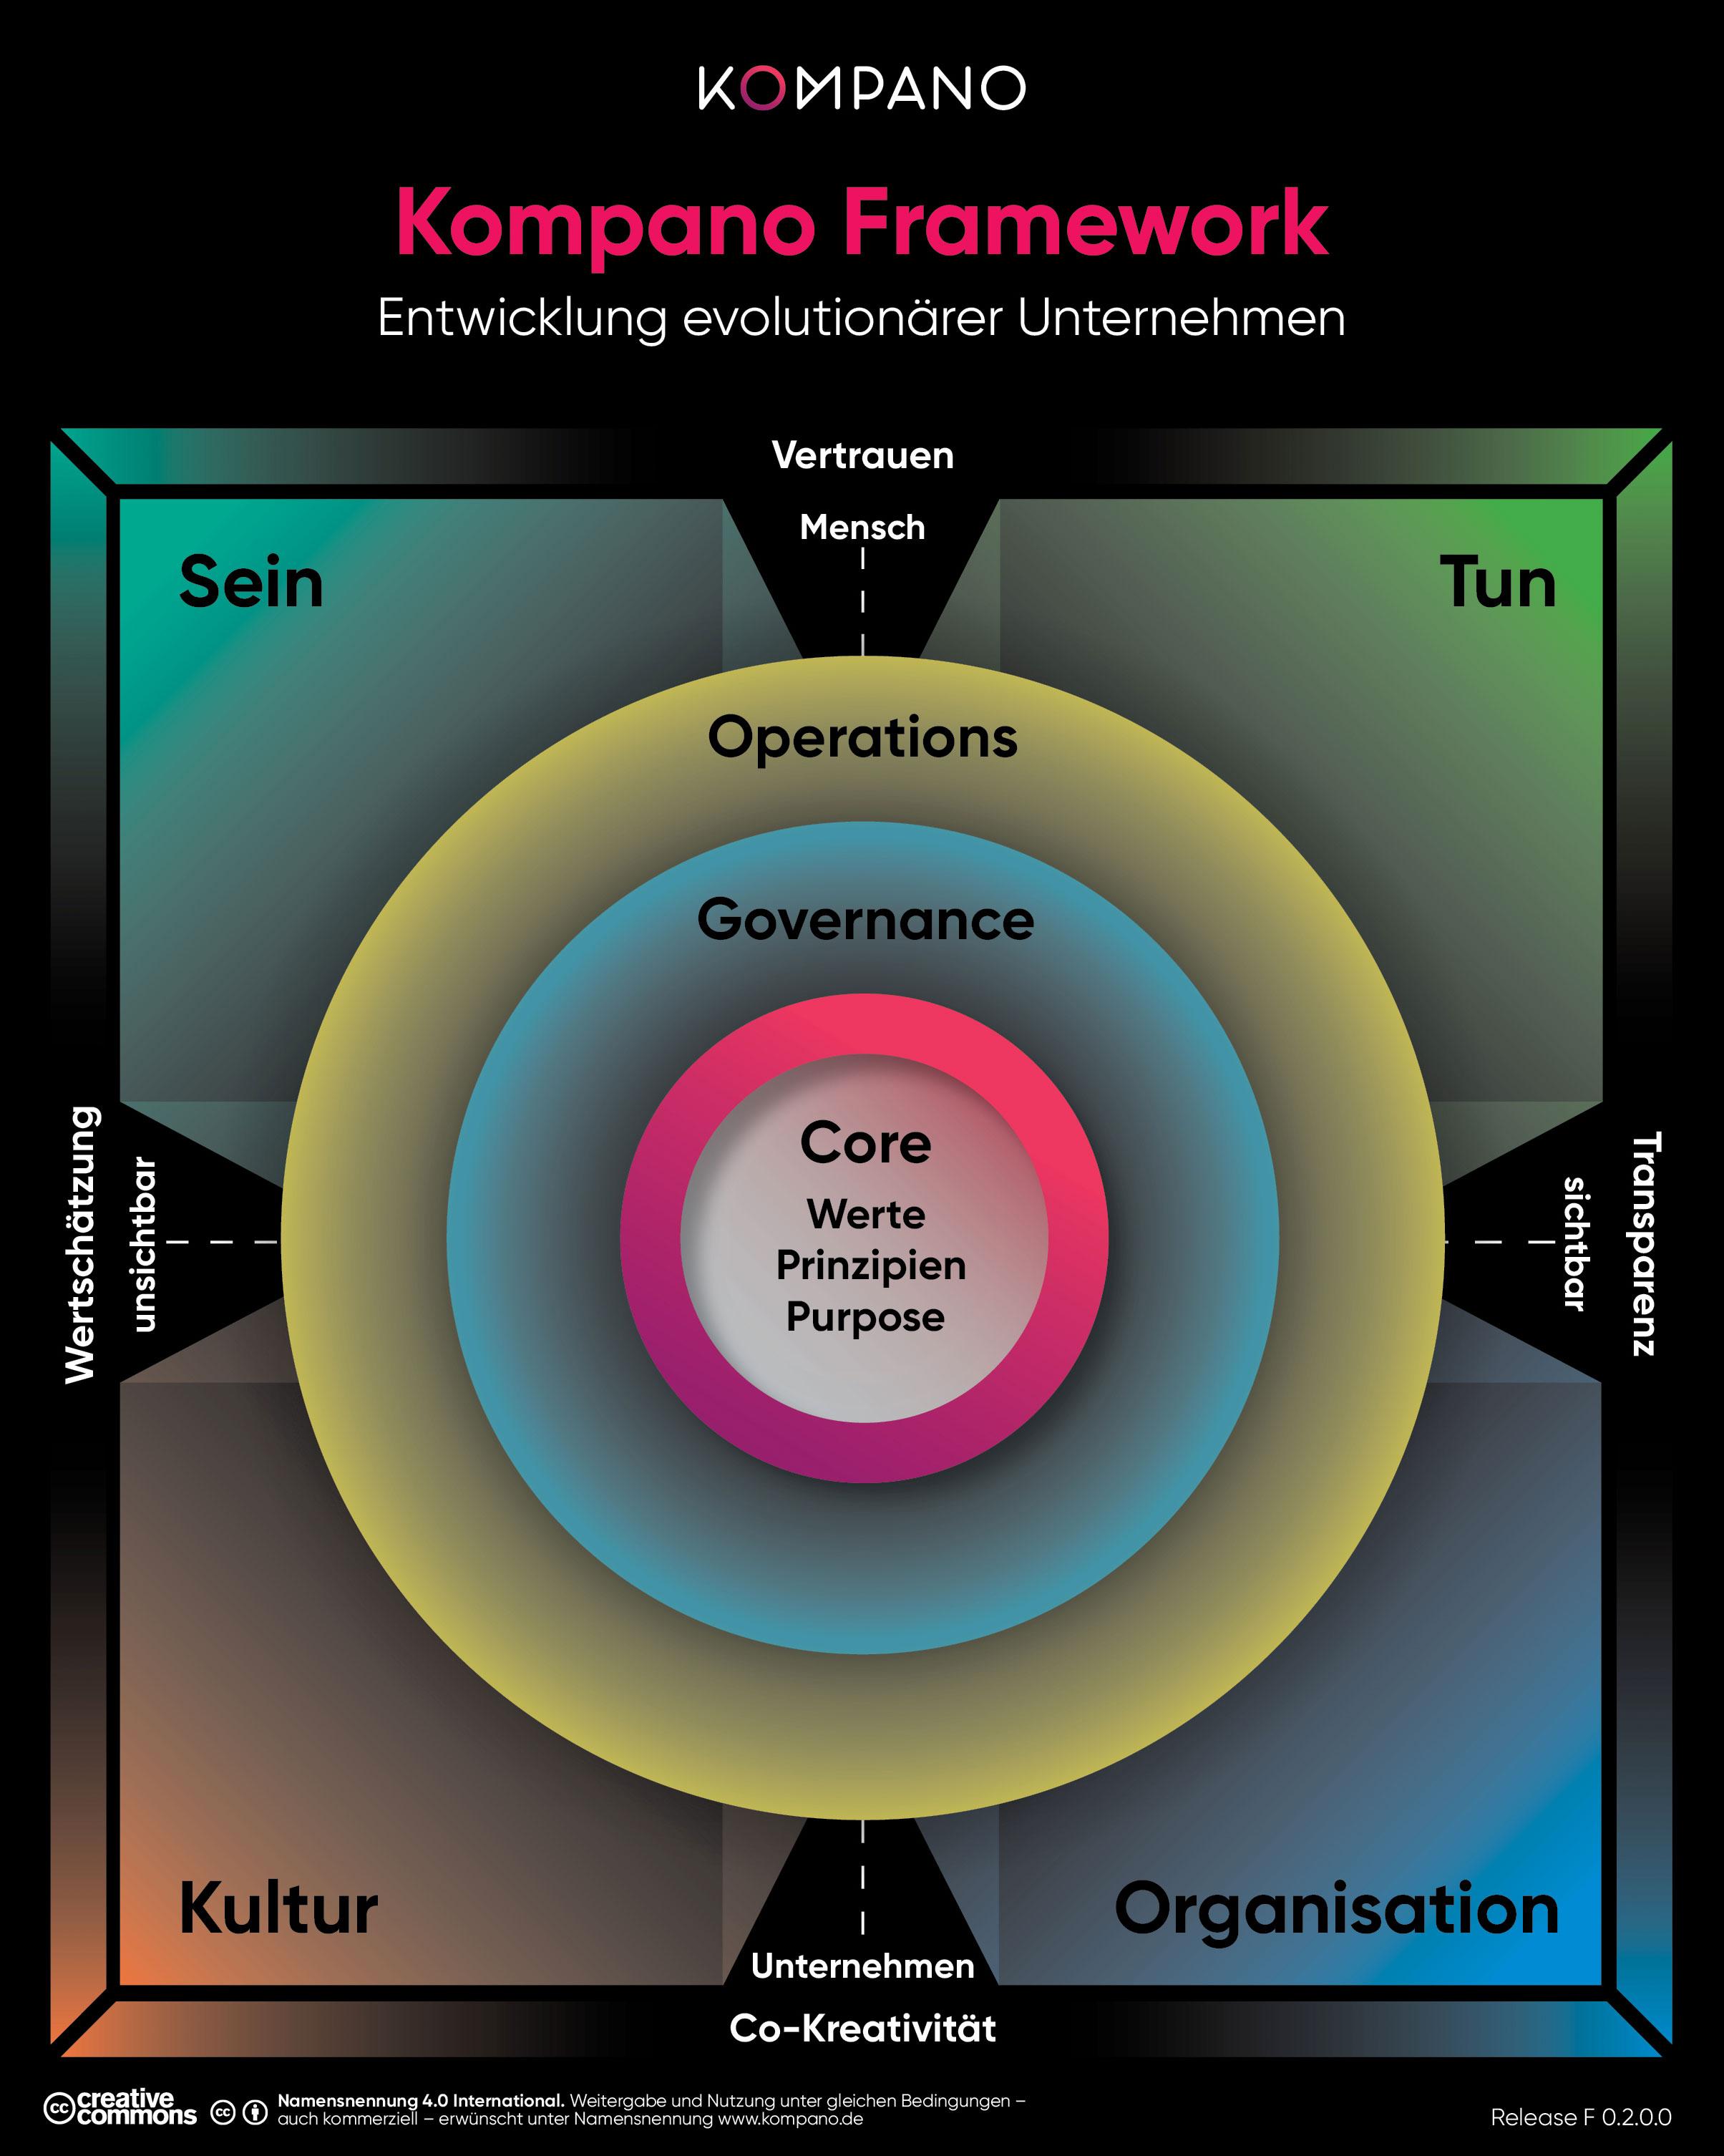 Kompano Framework für evolutionäre Unternehmen